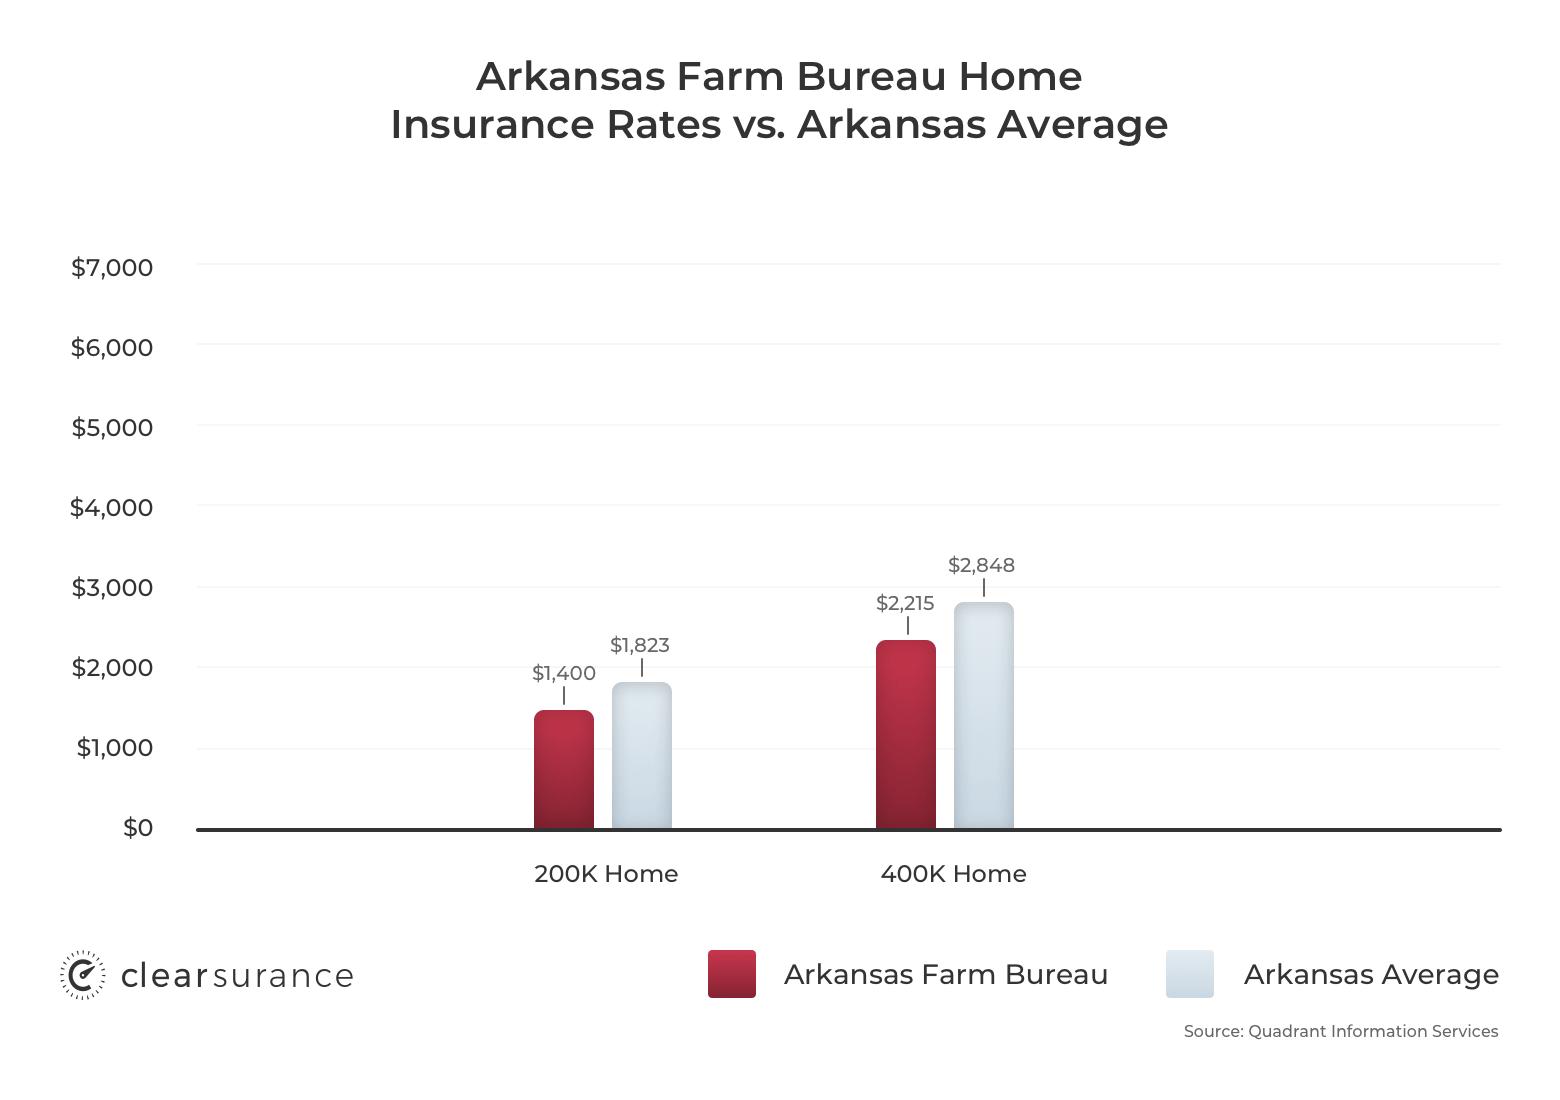 Arkansas Farm Bureau homeowners insurance rates